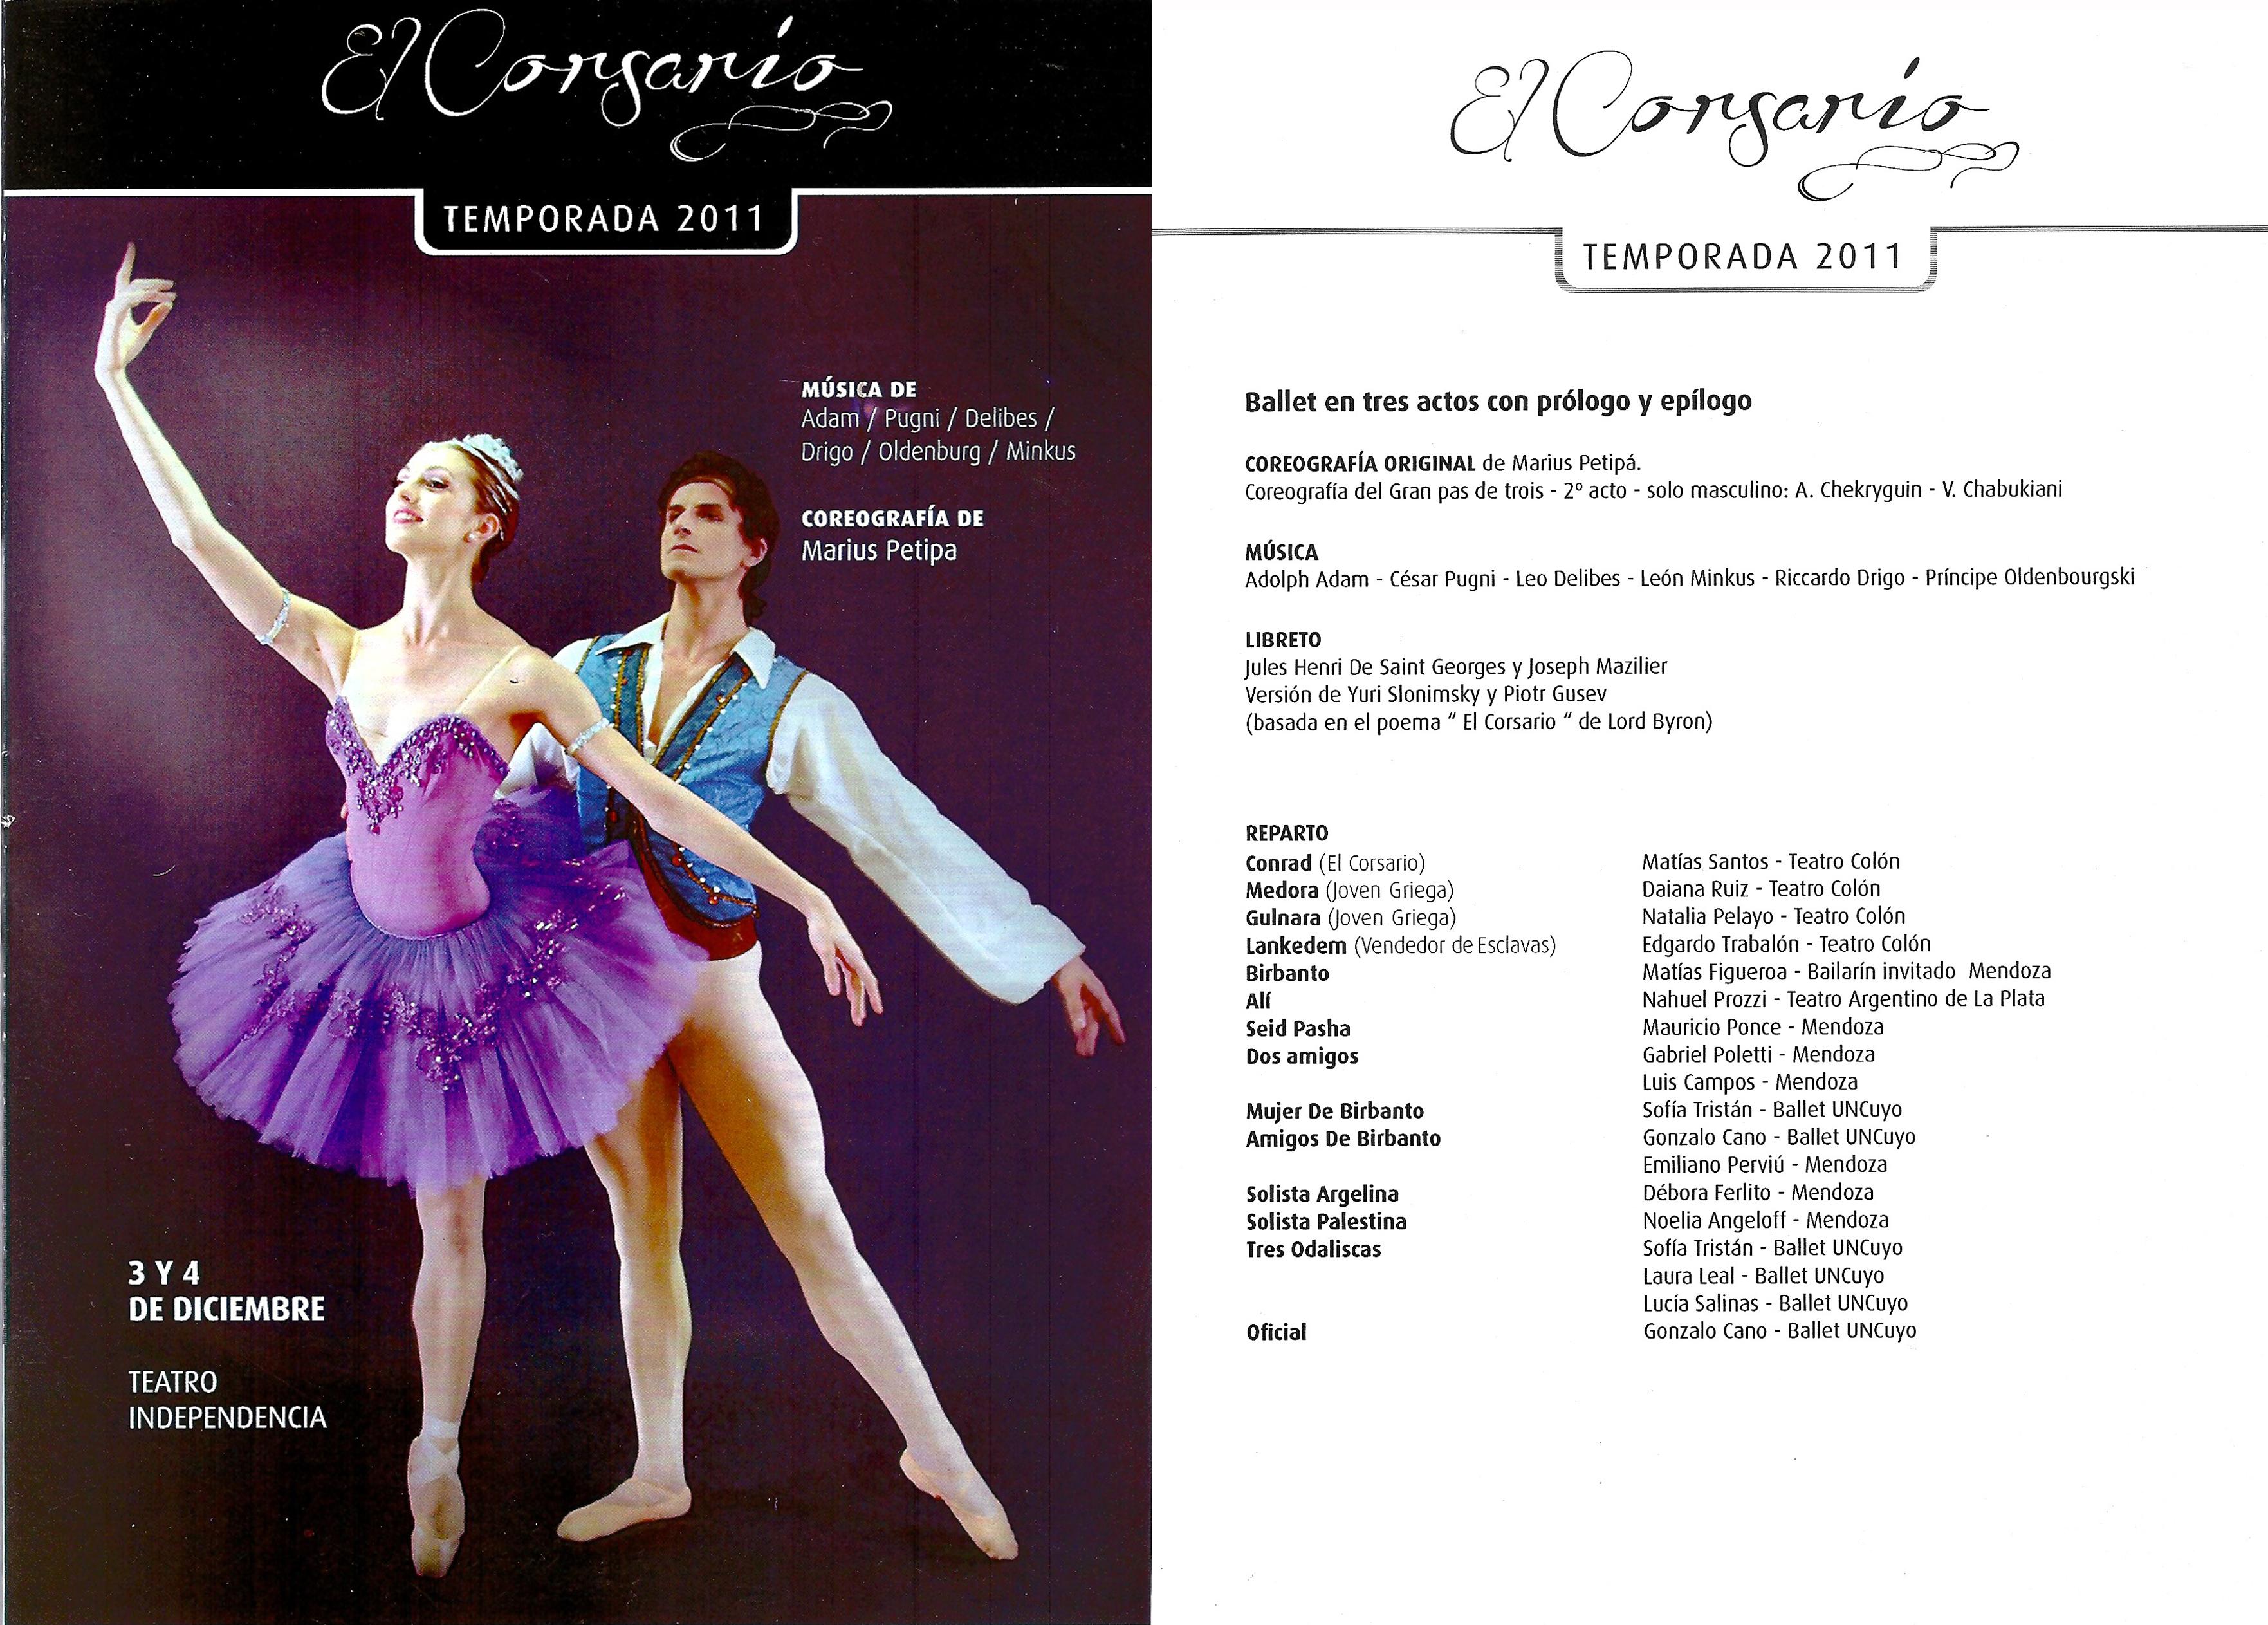 Mendoza noviembre2011 compo.jpg